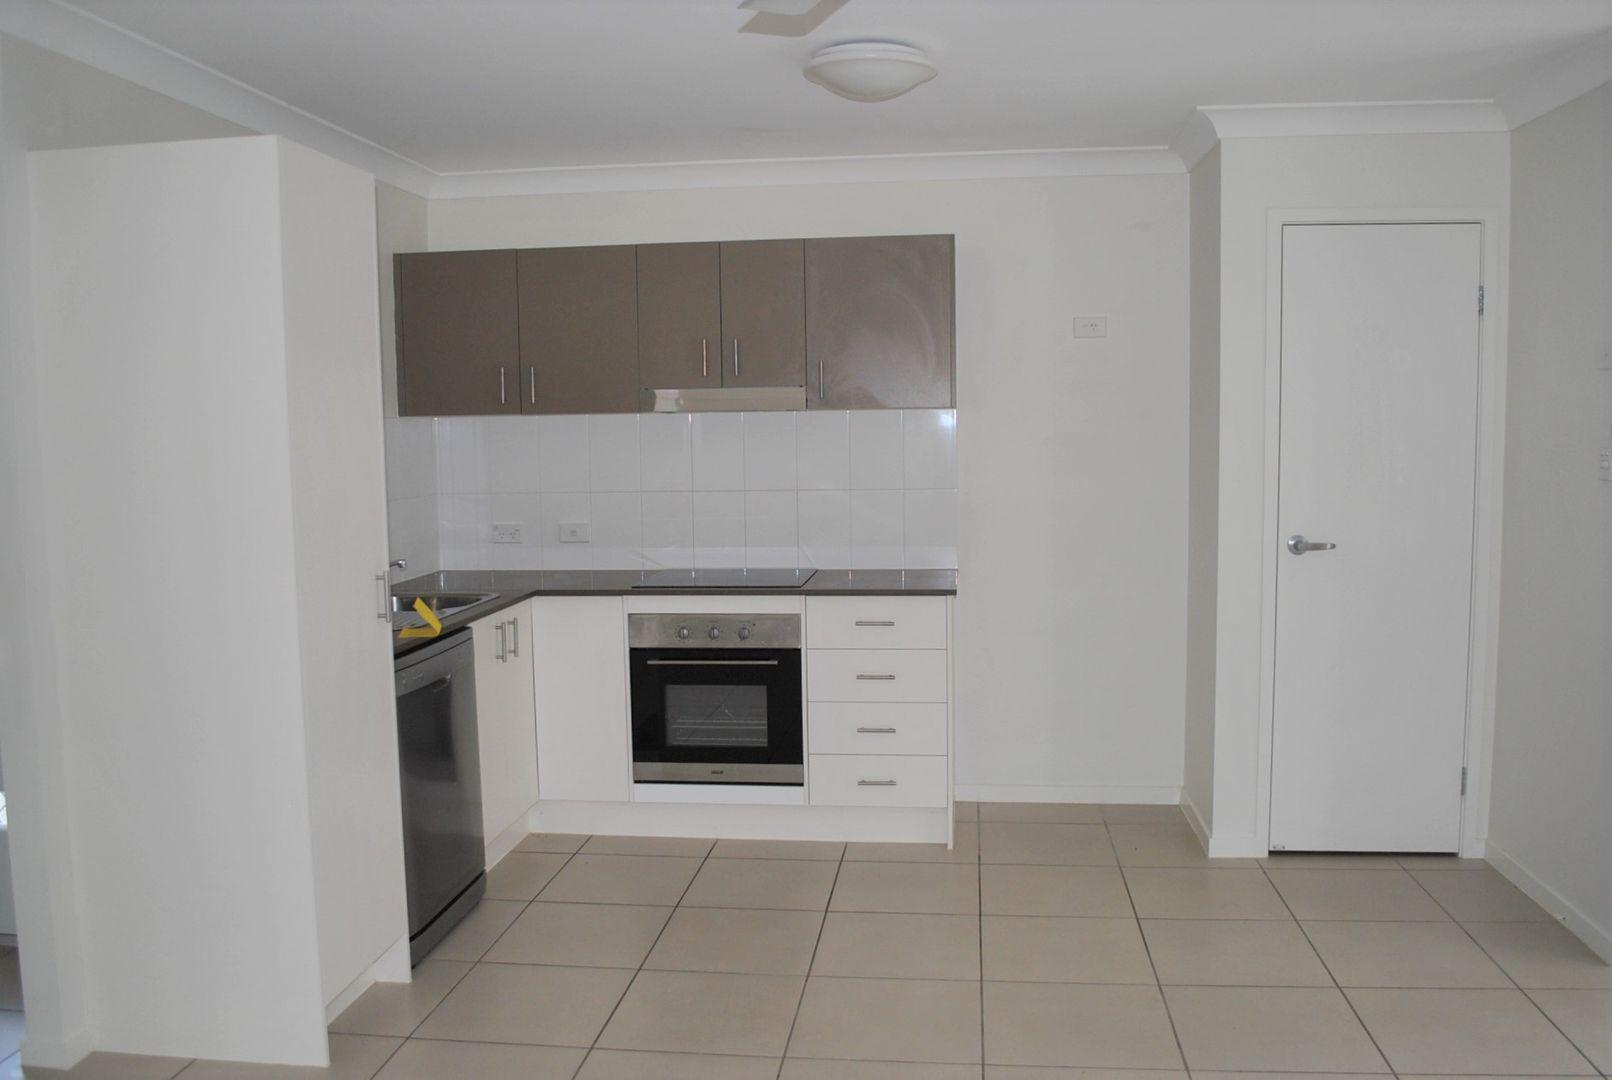 2/81 Brentwood Drive, Bundamba QLD 4304, Image 2